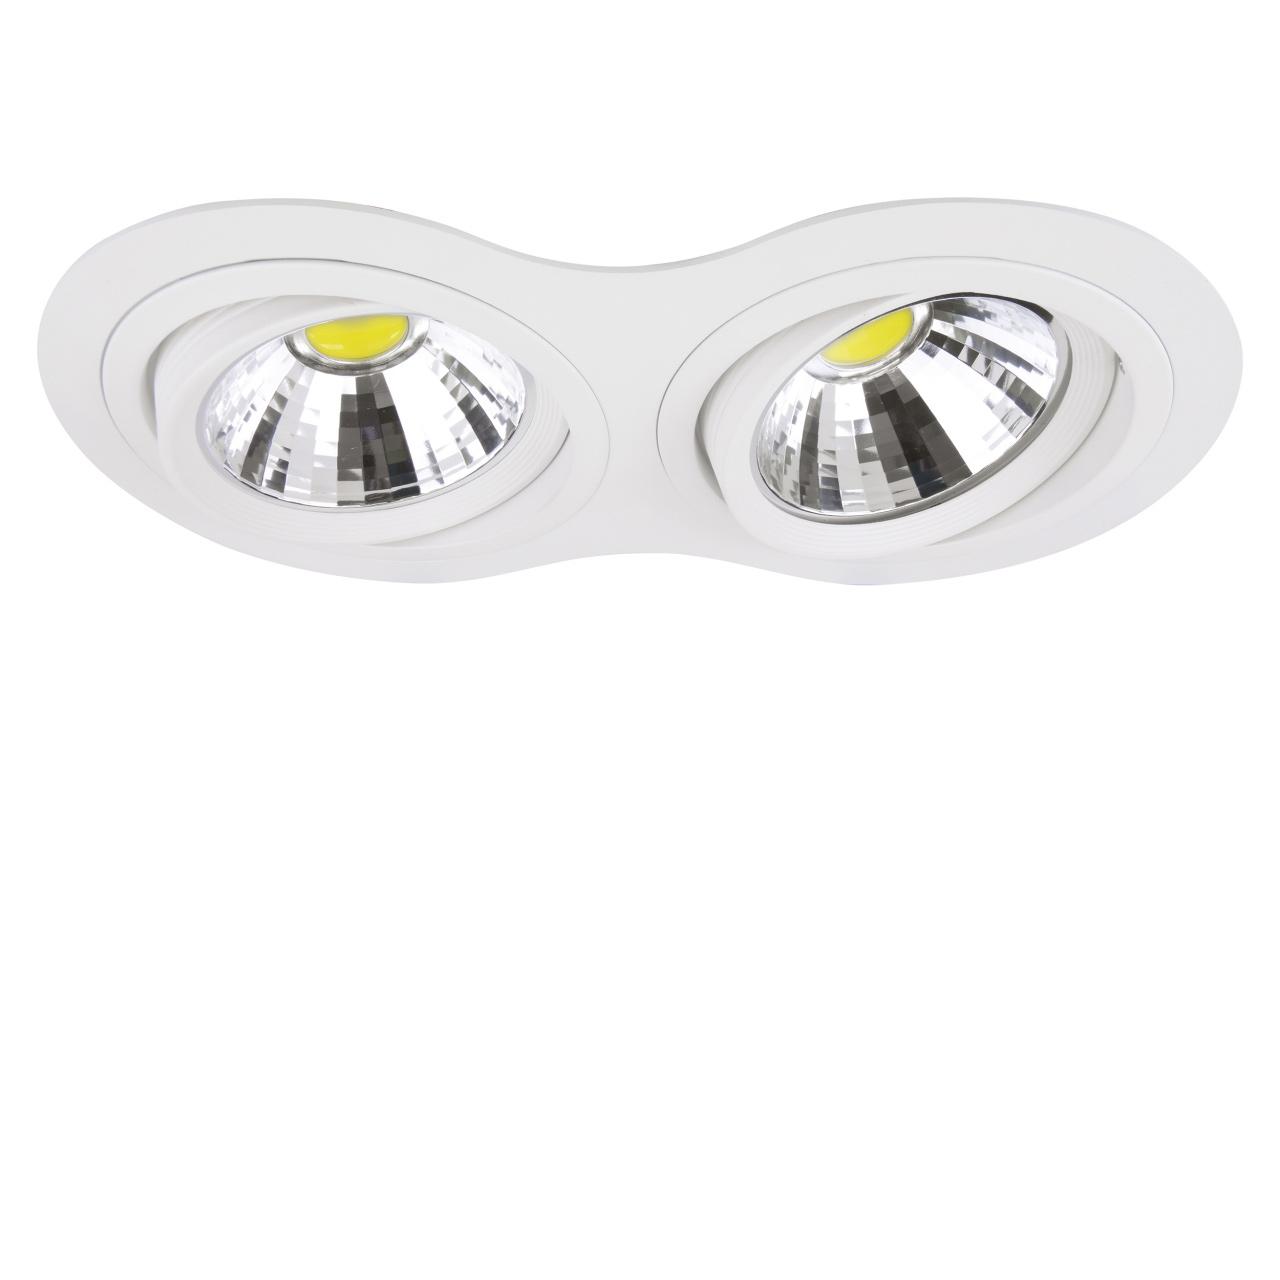 Светильник Intero 111 AR111 белый Lightstar 214326